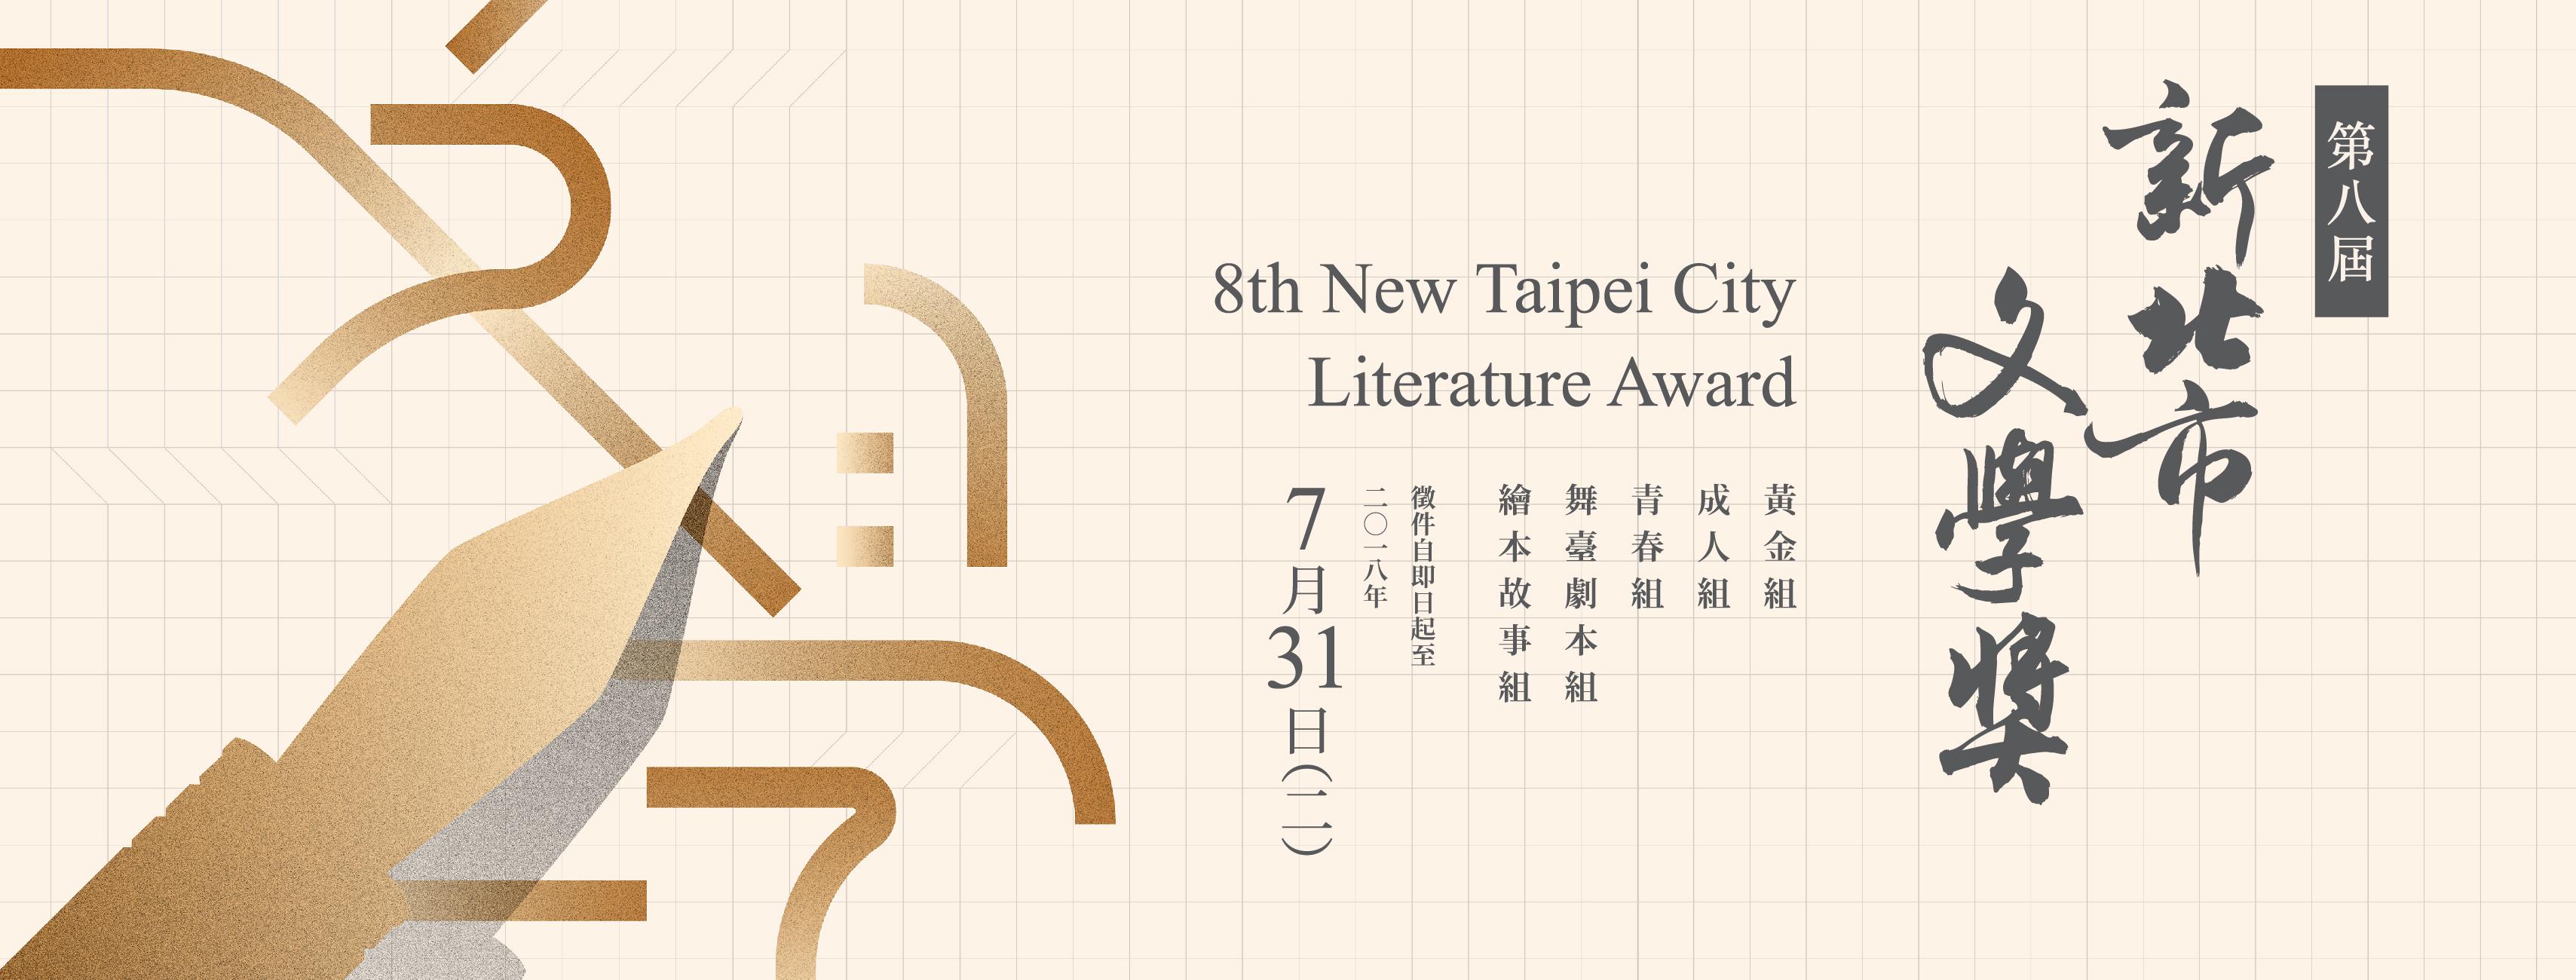 「第8屆新北市文學獎」開始徵件囉!